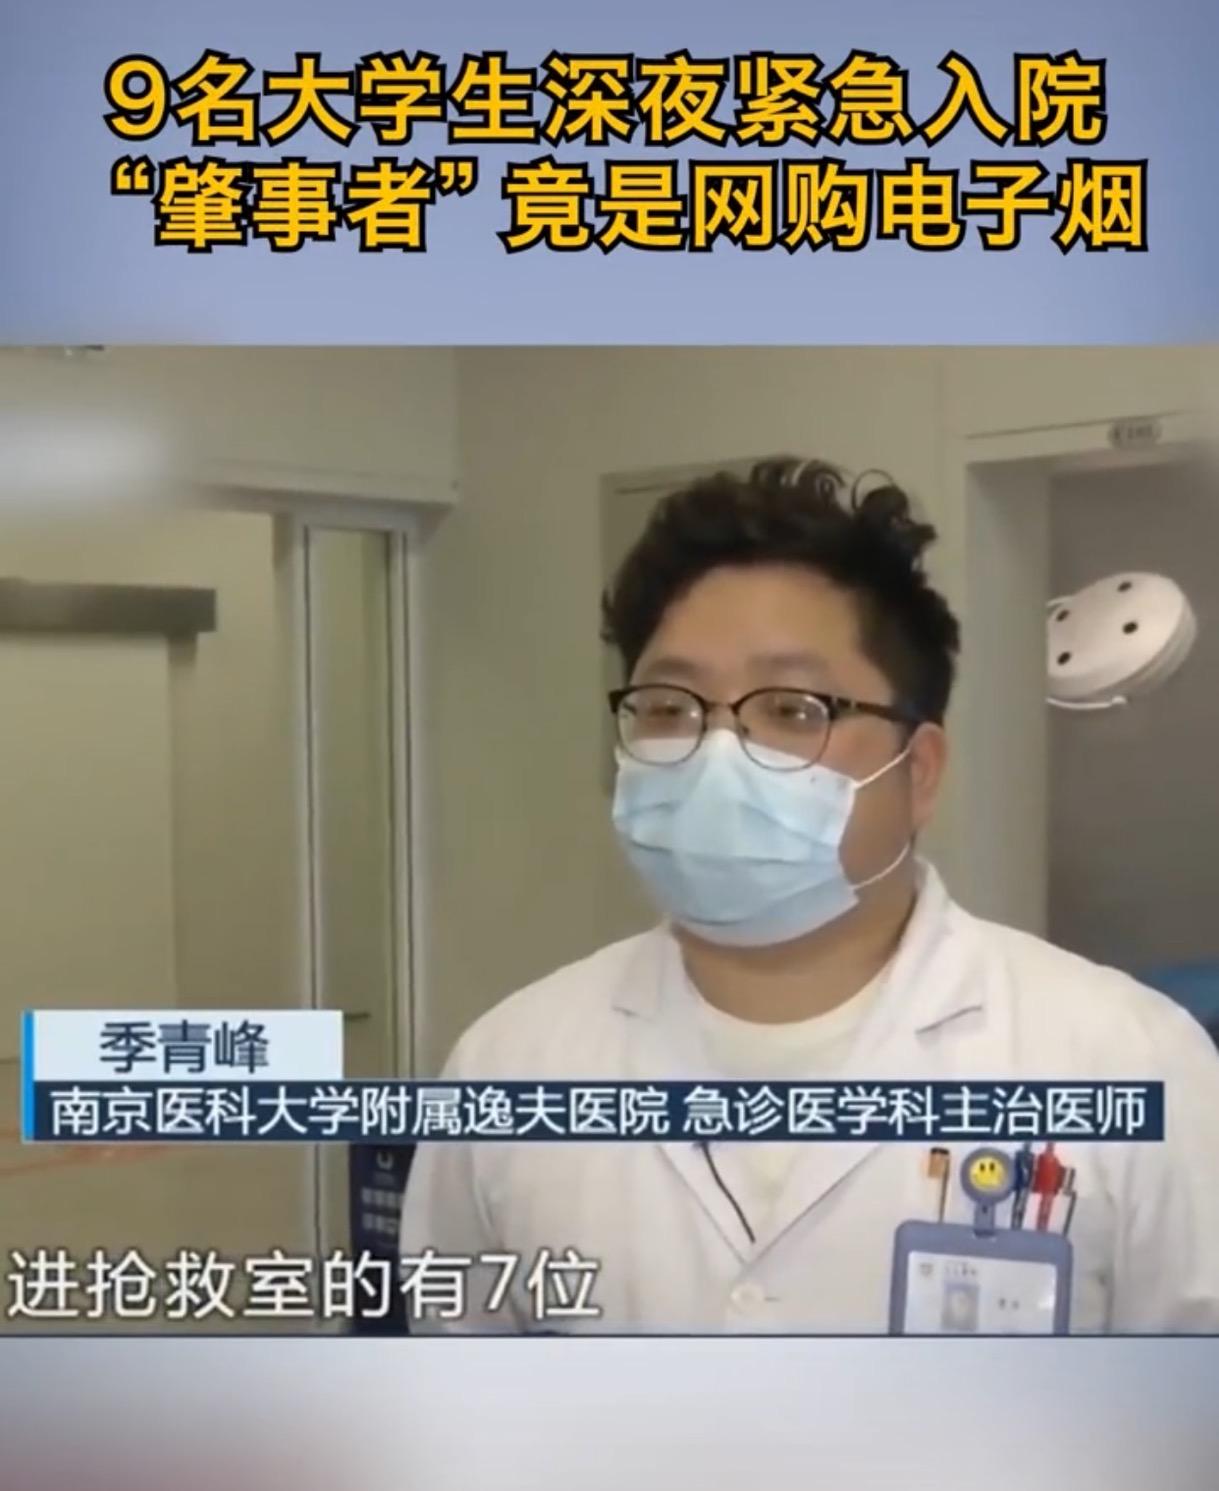 如何正确解读南京九名大学生吸电子烟入院的新闻